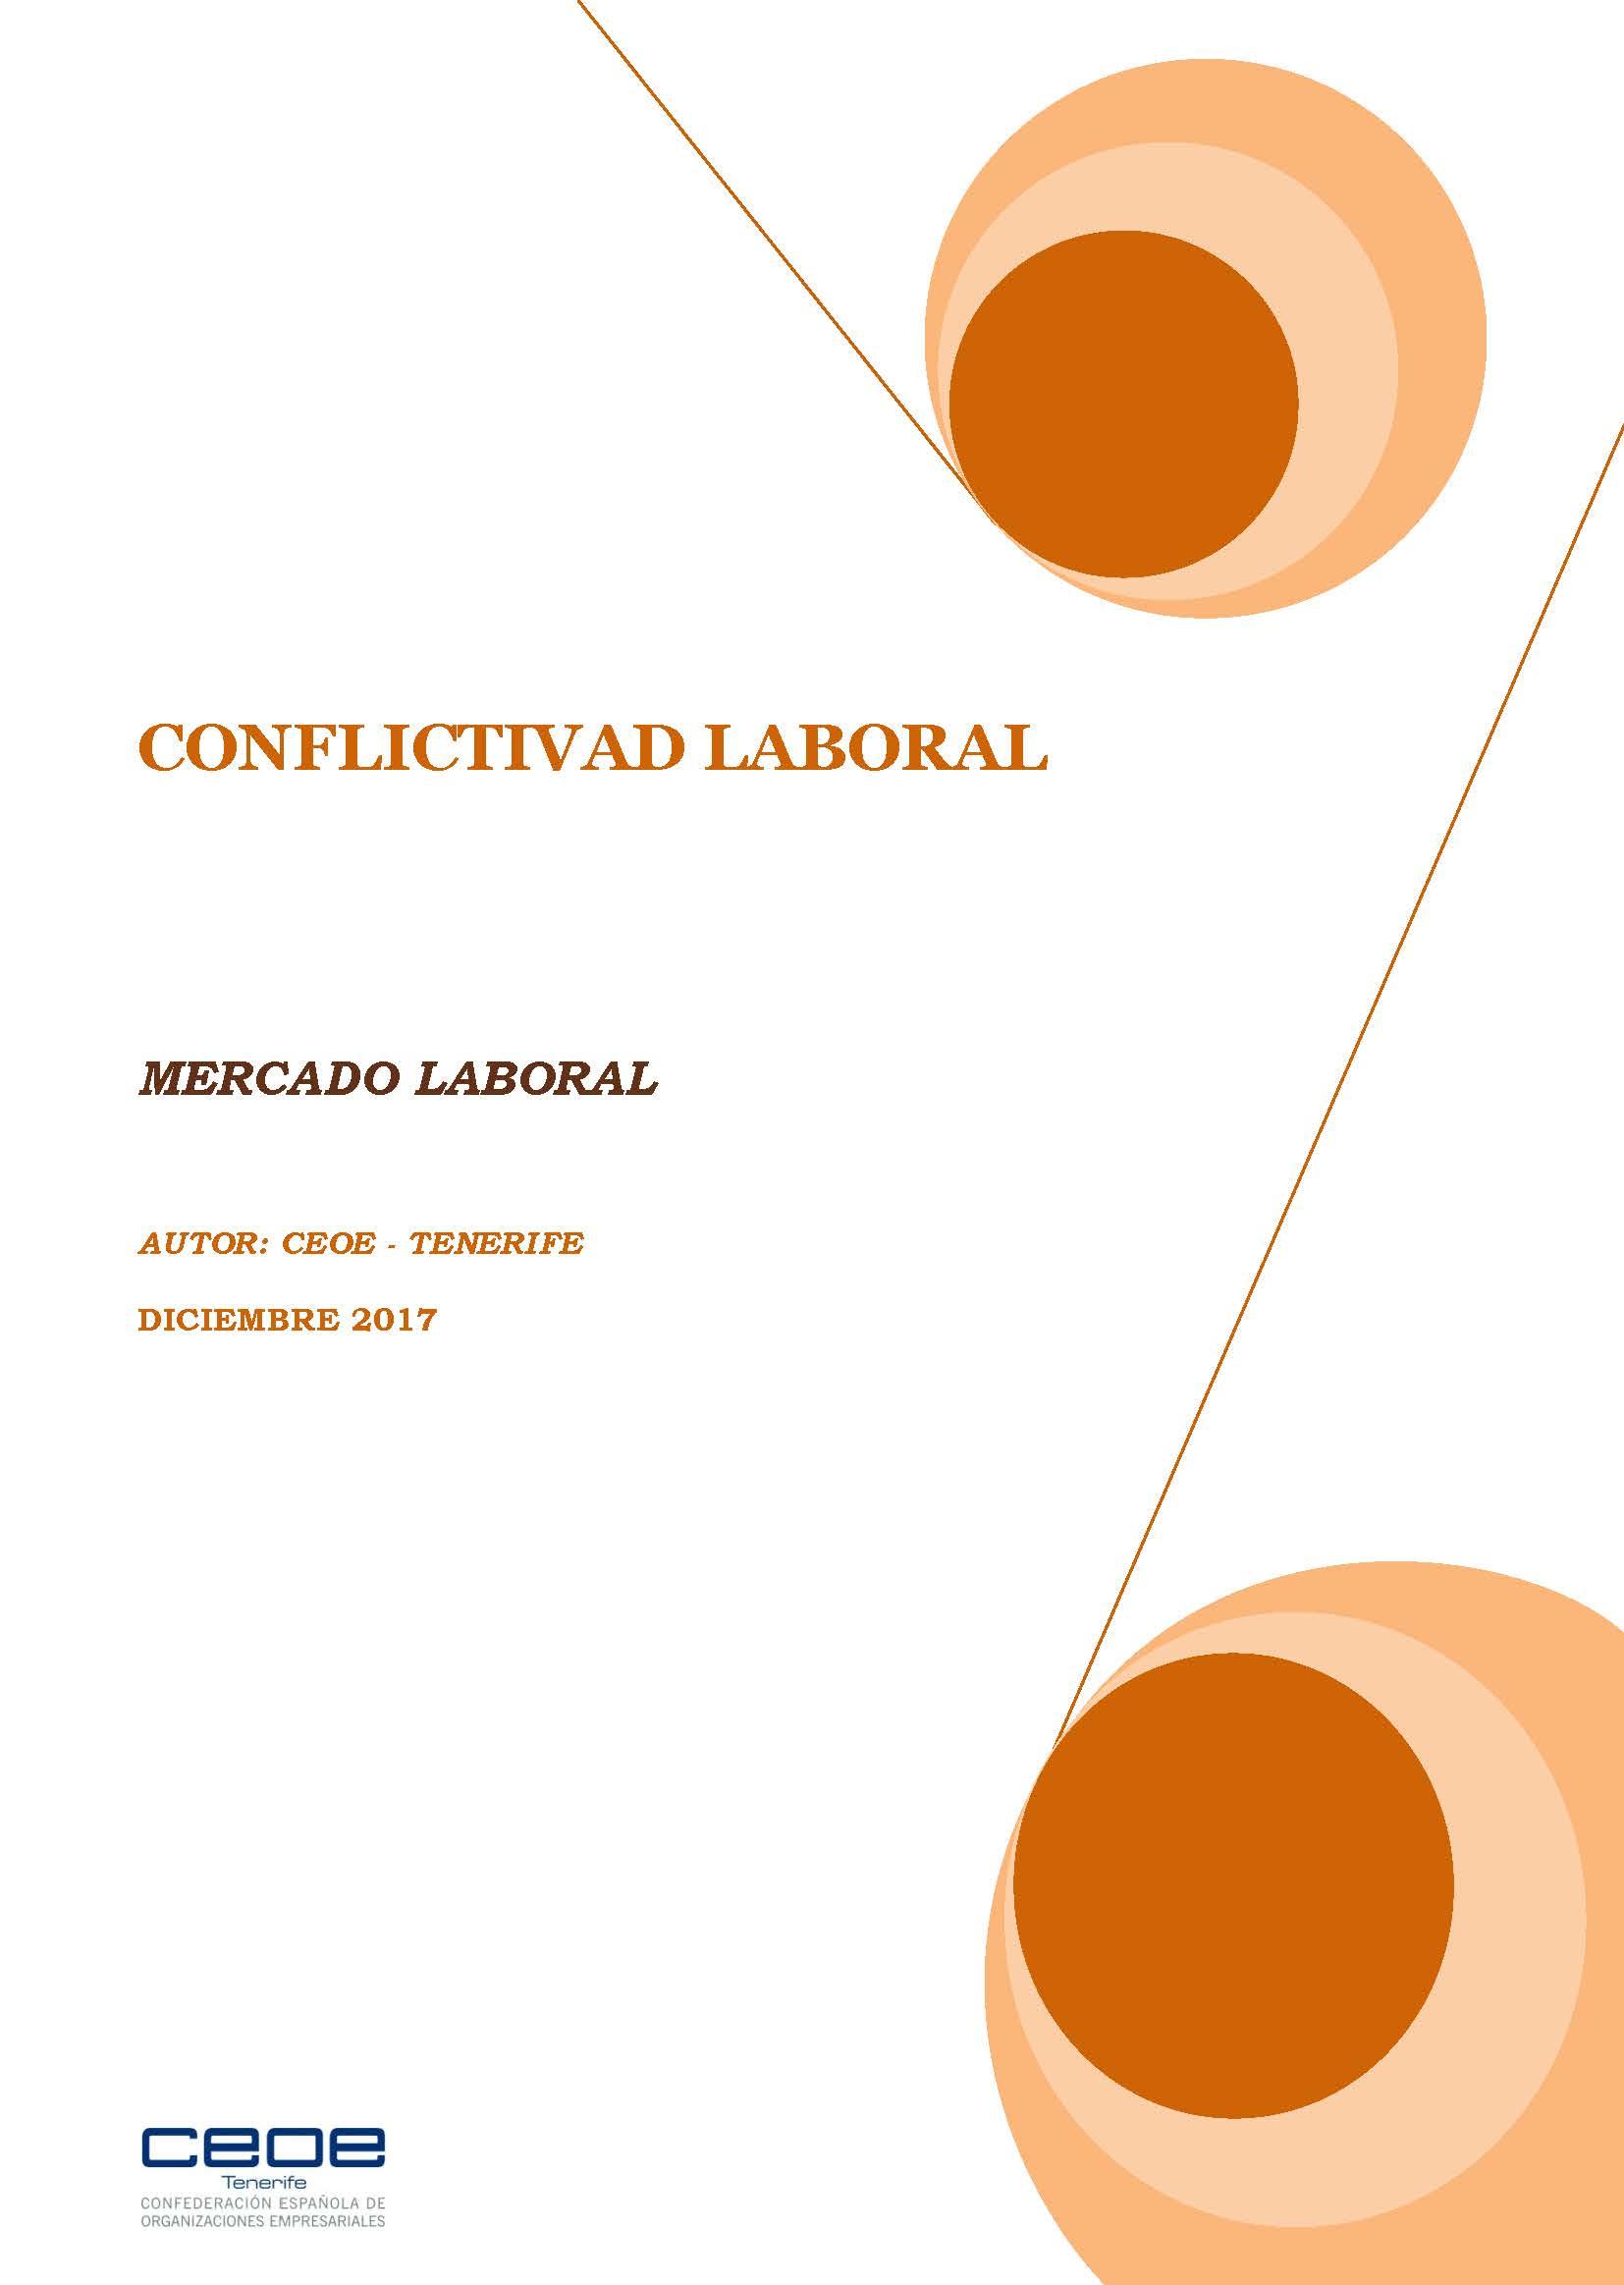 MERCADO LABORAL - CONFLICTIVIDAD LABORAL DIC 2017